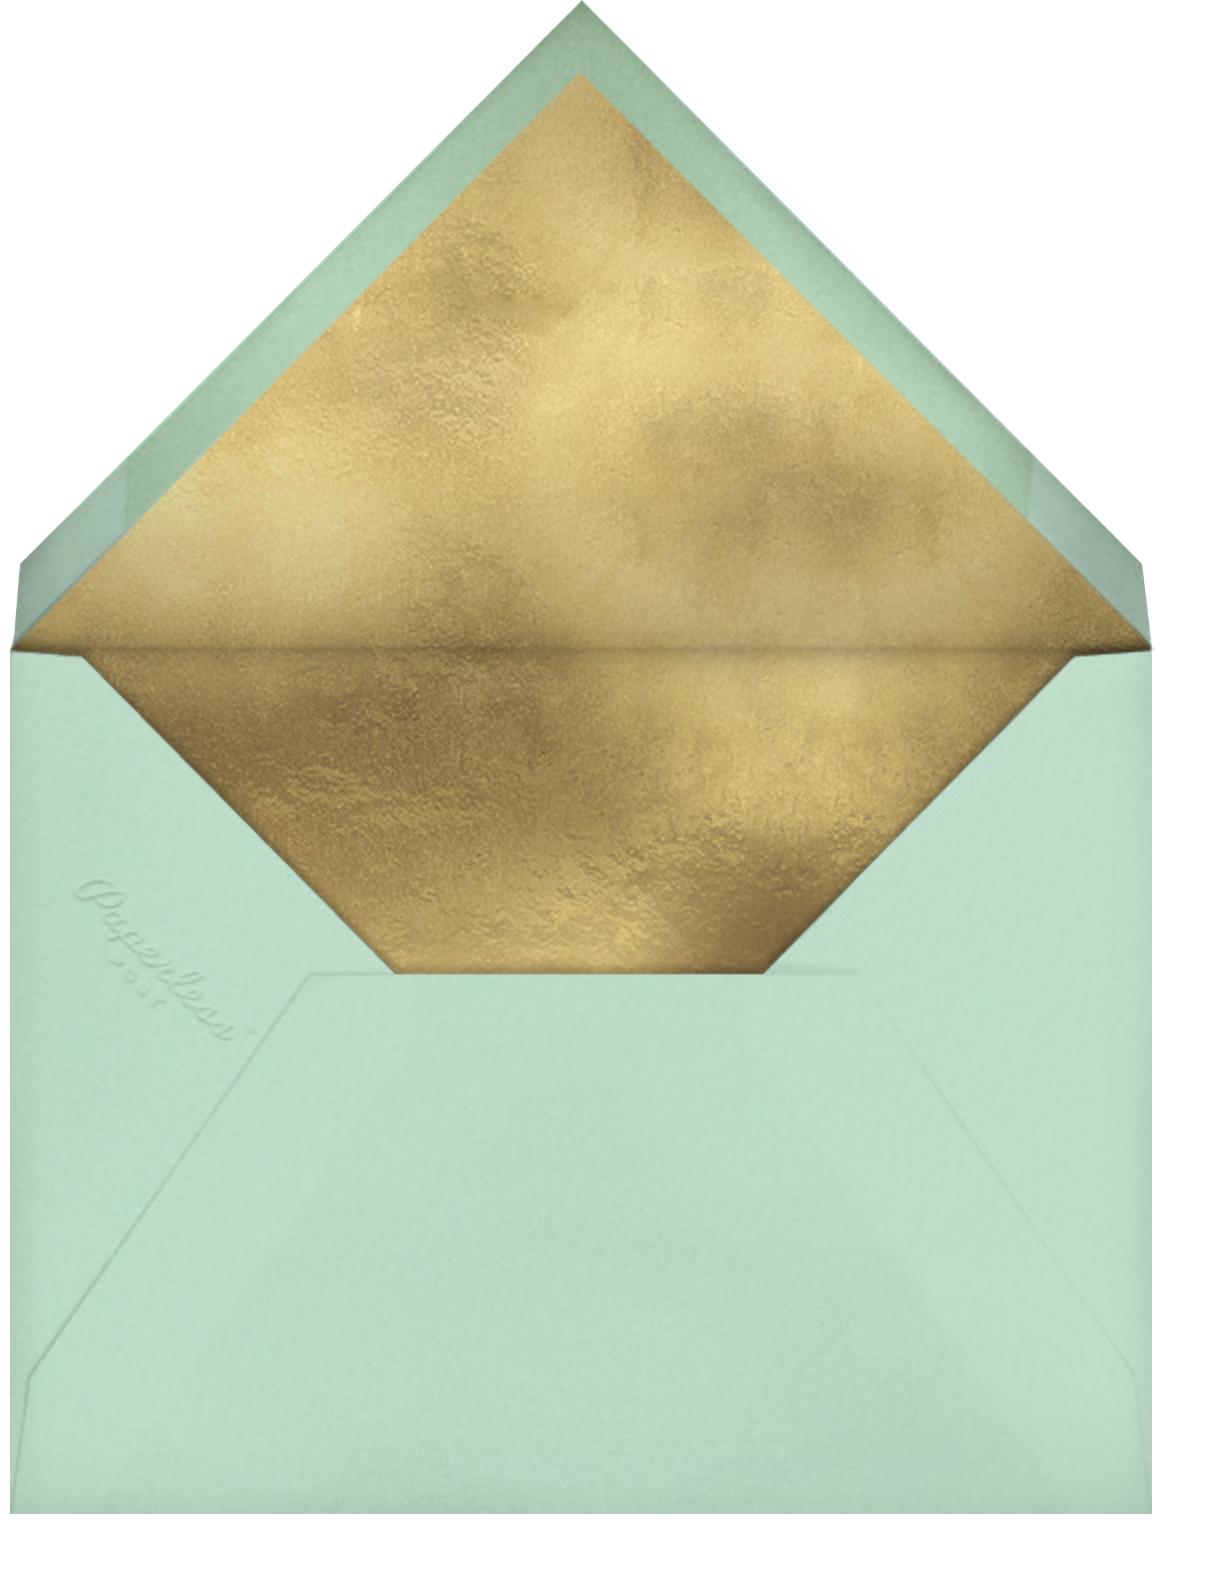 Marbleous - Mint - Ashley G - Kids' birthday - envelope back